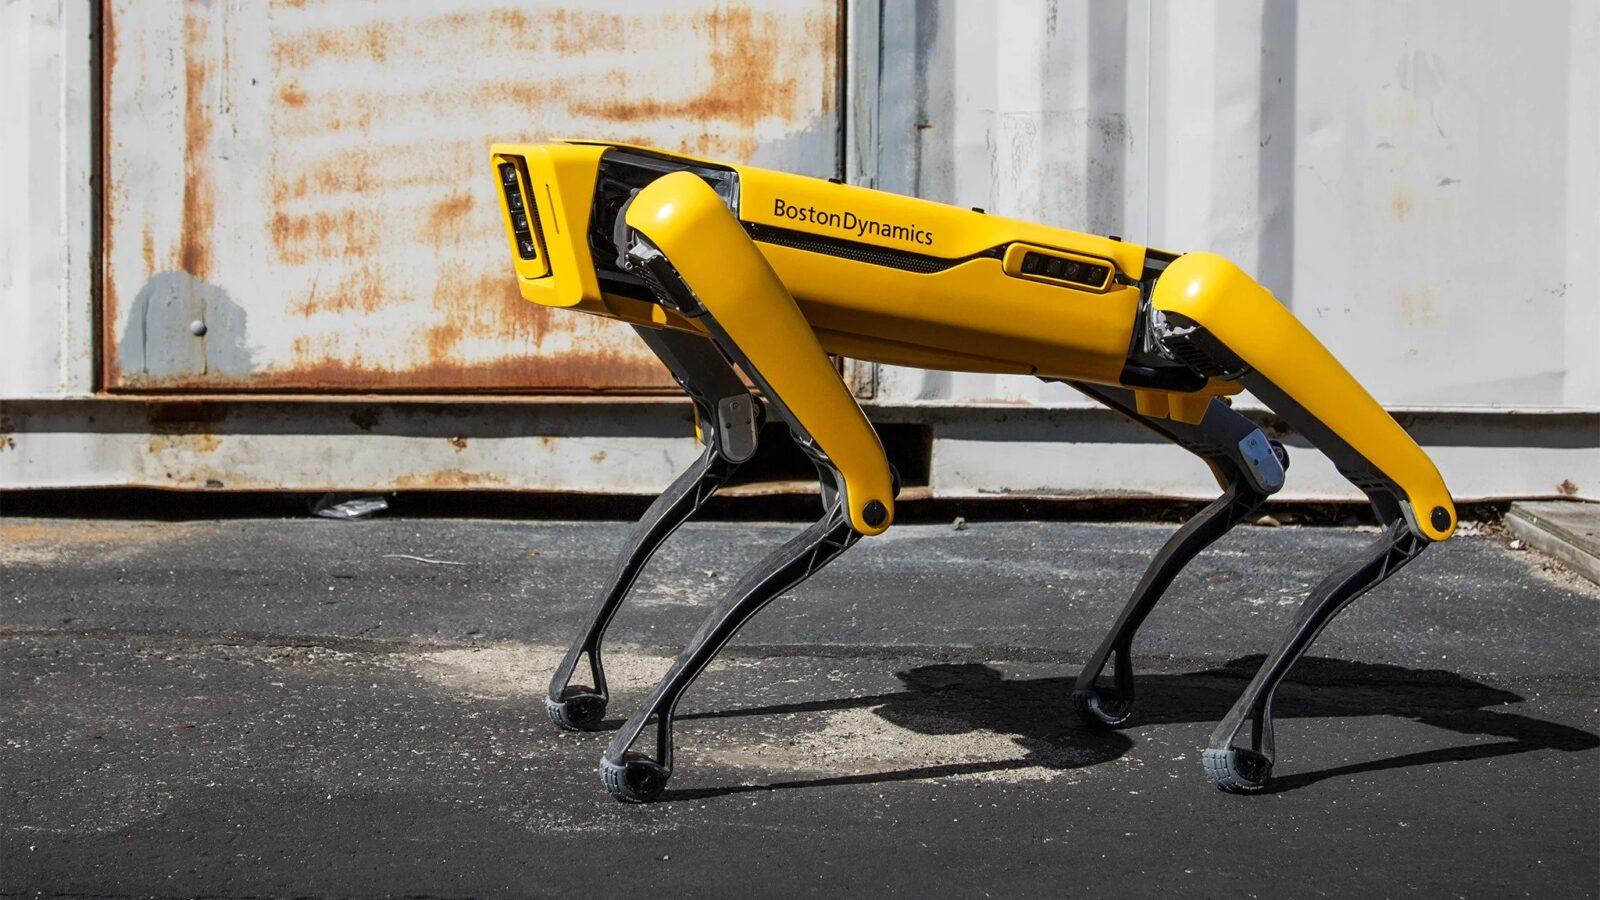 روبوت من شركة بوسطن ديناميكس